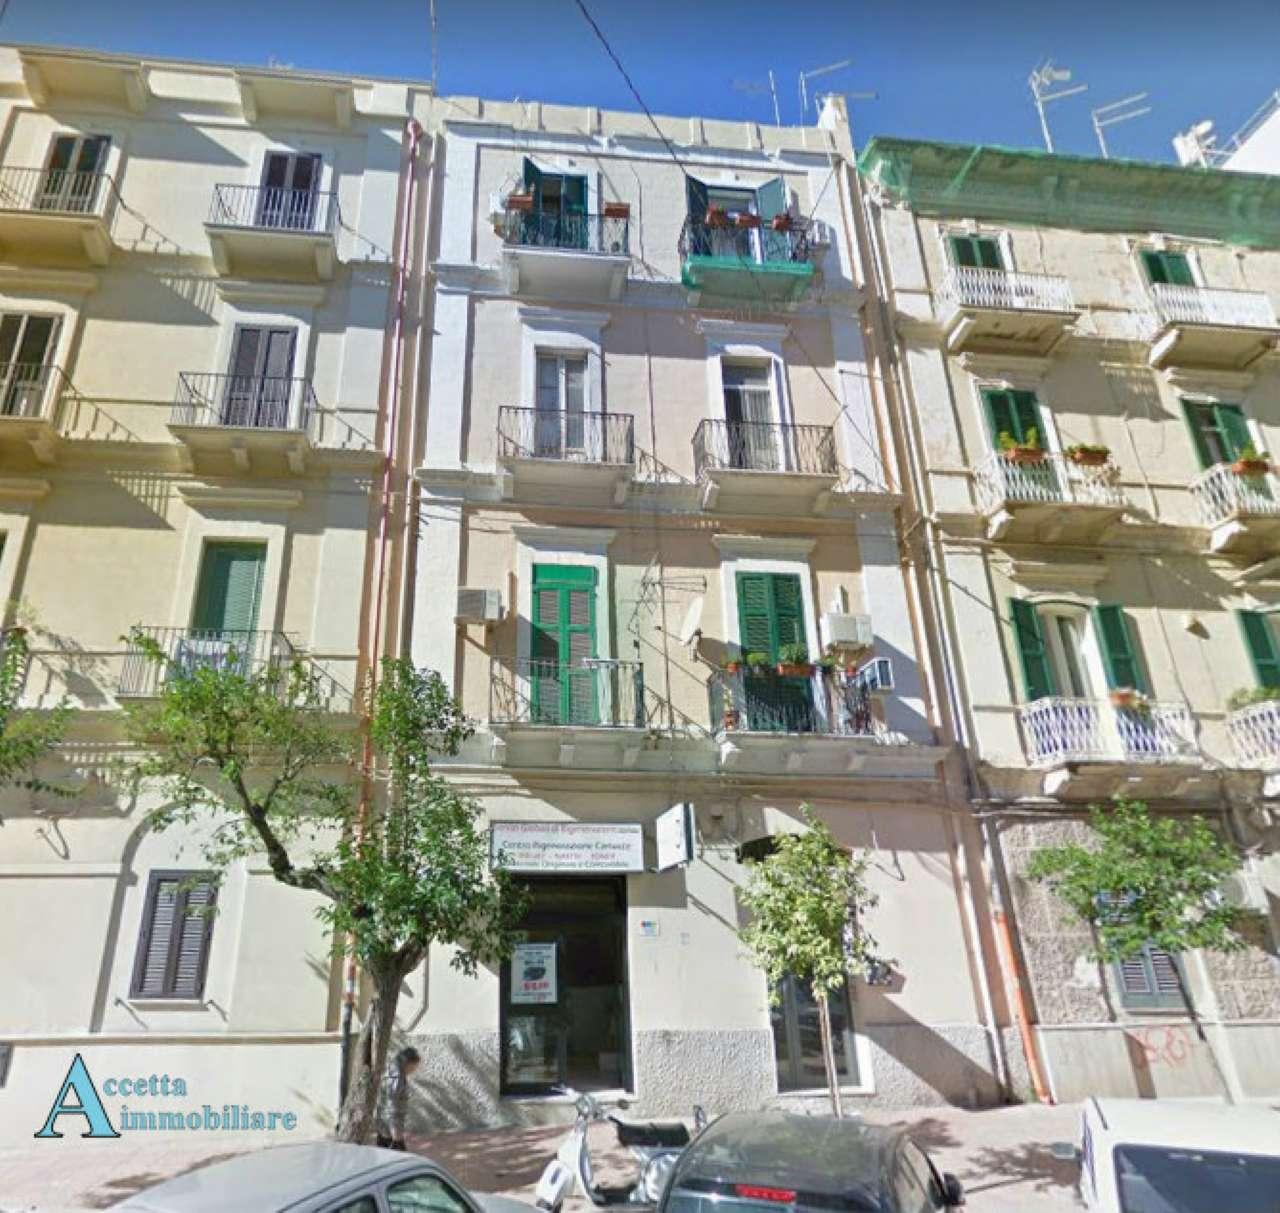 Appartamento in vendita a Taranto, 2 locali, prezzo € 68.000   CambioCasa.it